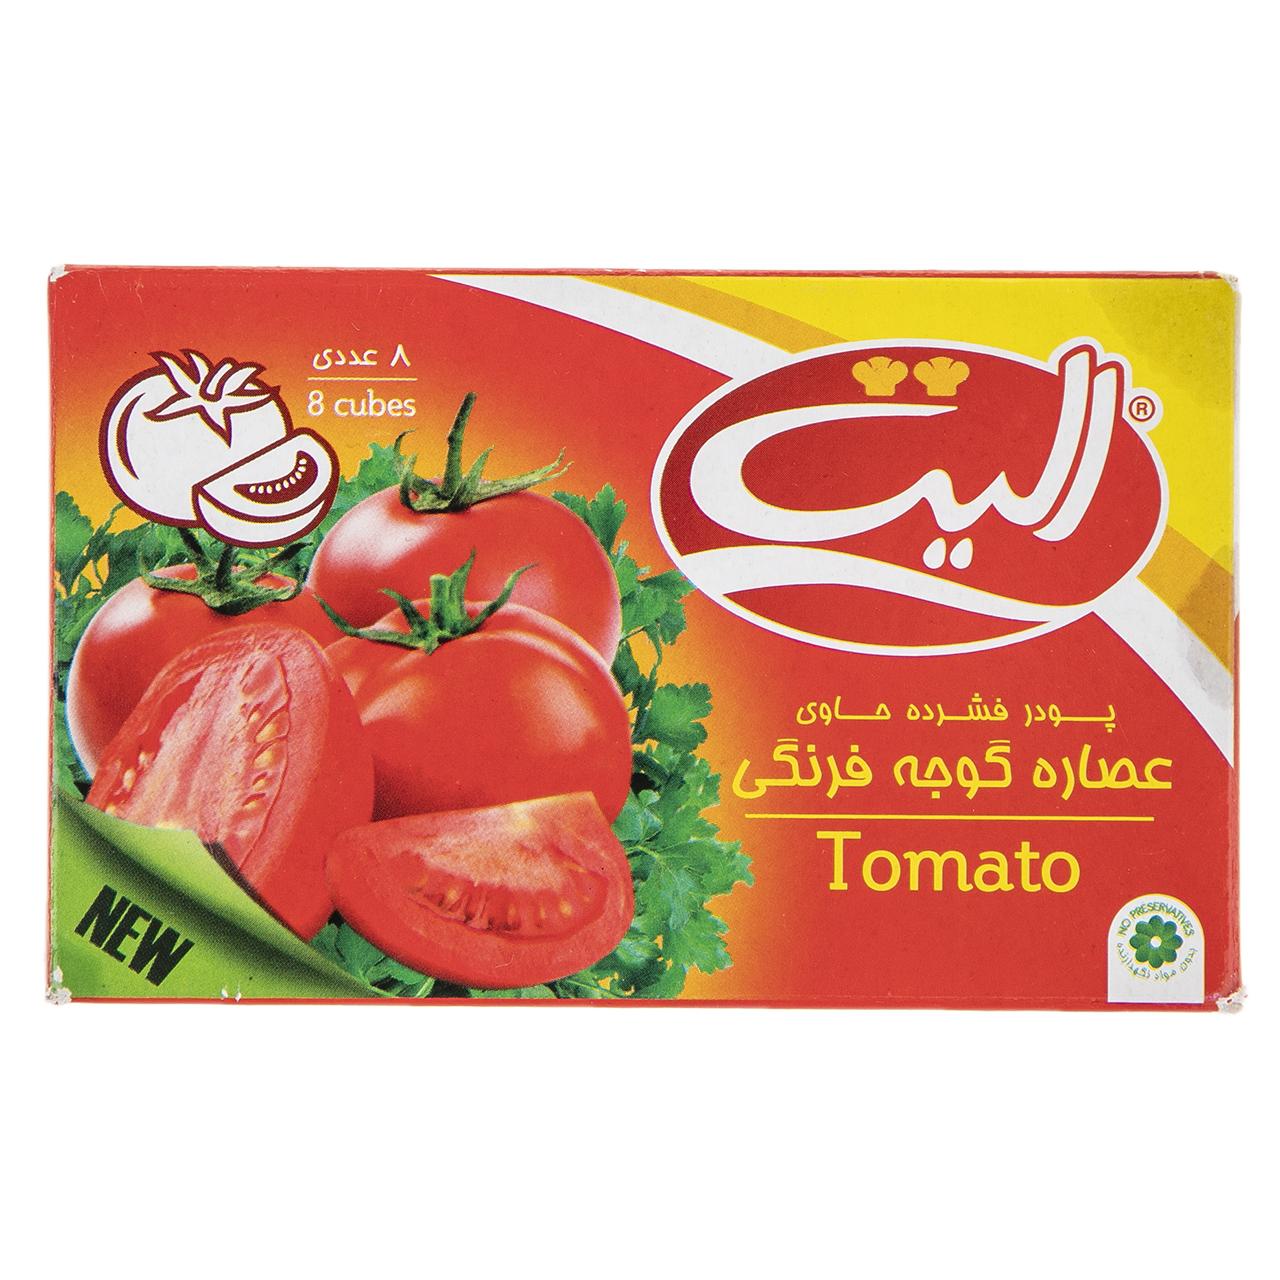 پودر فشرده عصاره گوجه فرنگی الیت مقدار 80 گرم